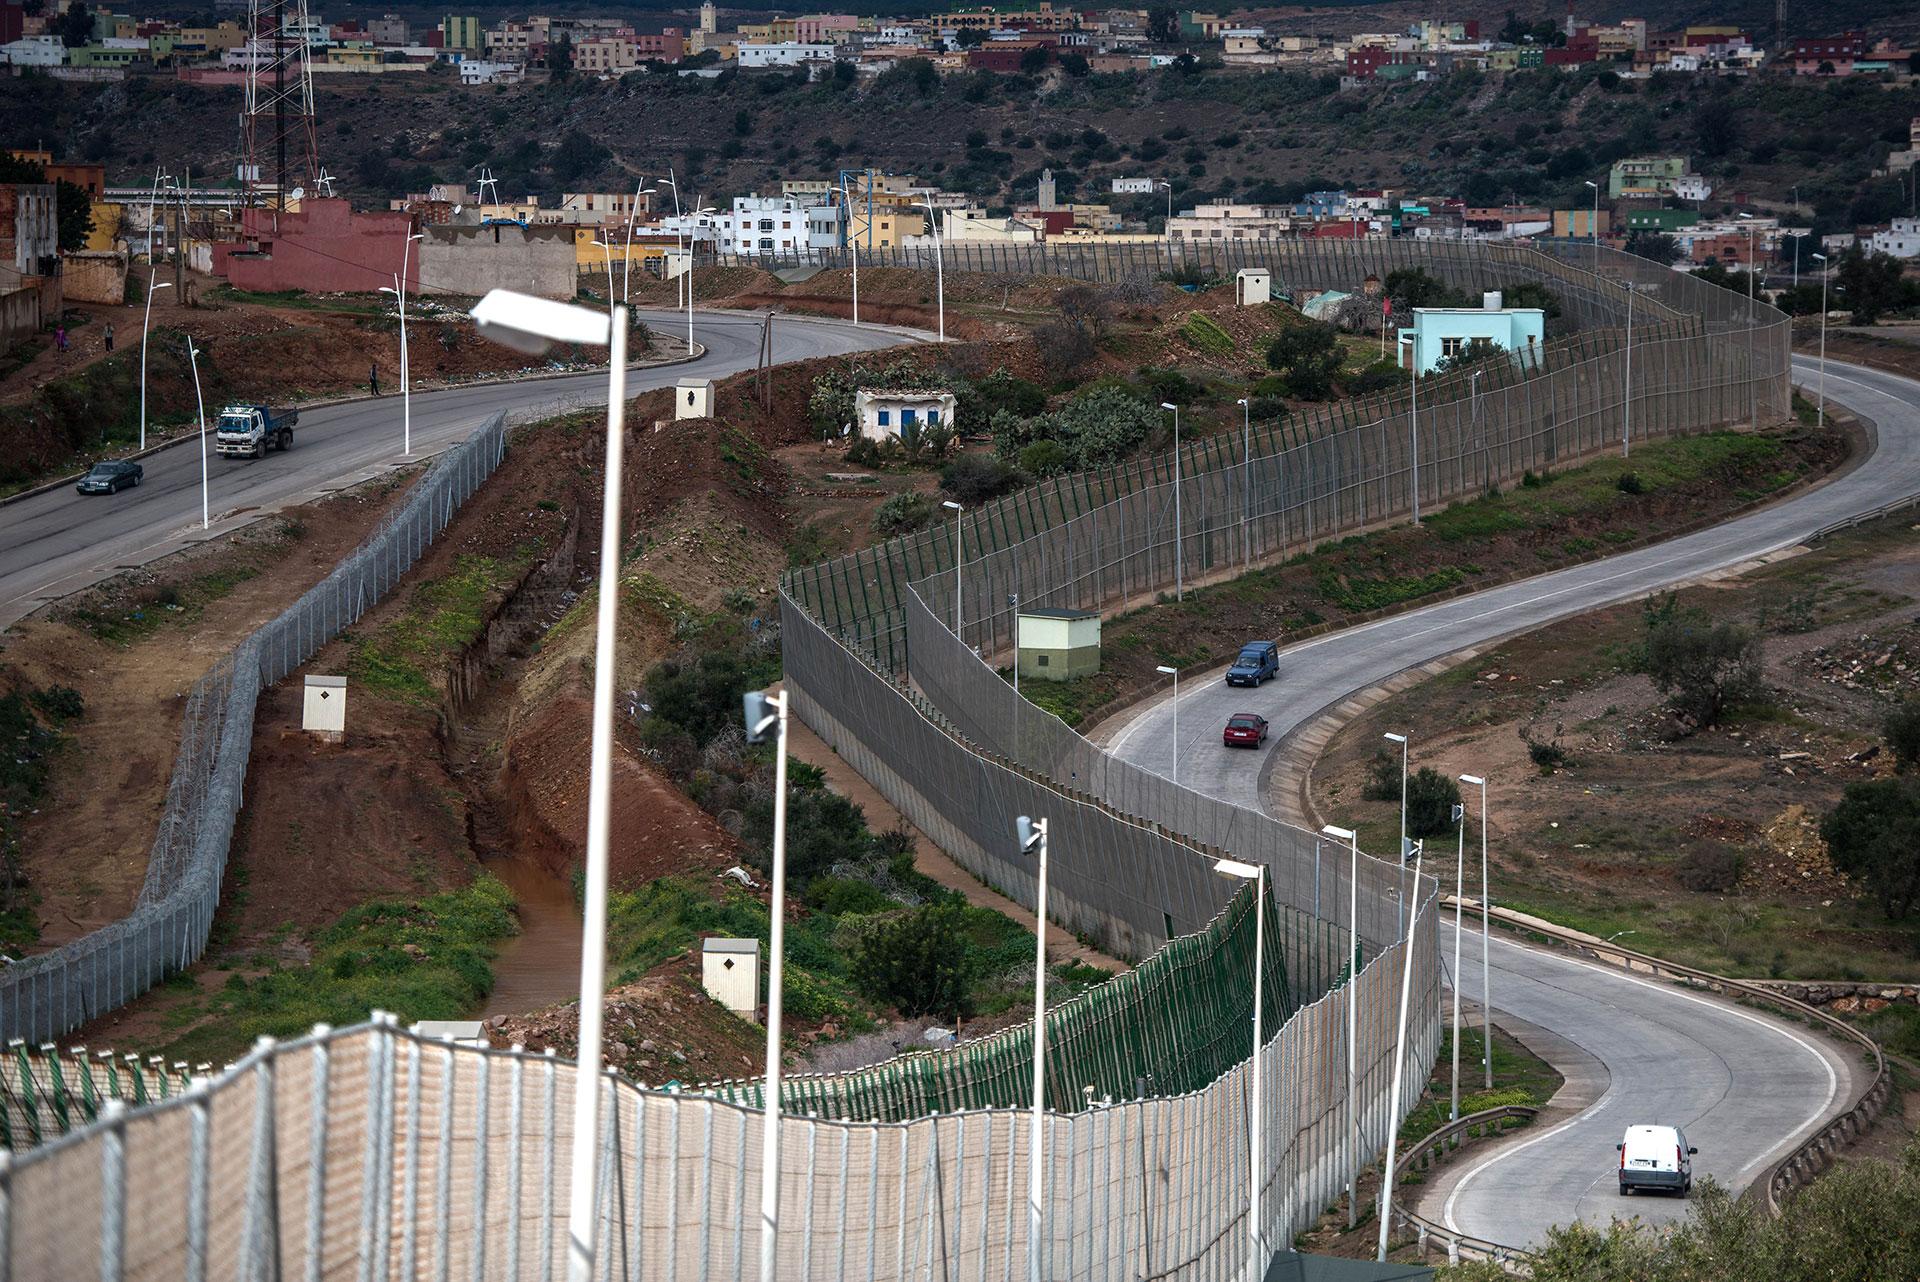 España construyó en los años 90 dos muros para separar sus enclaves africanos de Ceuta y Melilla del territorio de Marruecos. Son habituales los grupos de migrantes africanos que intentan traspasar esta barrera en masa para ingresar a territorio europeo (Getty Images)